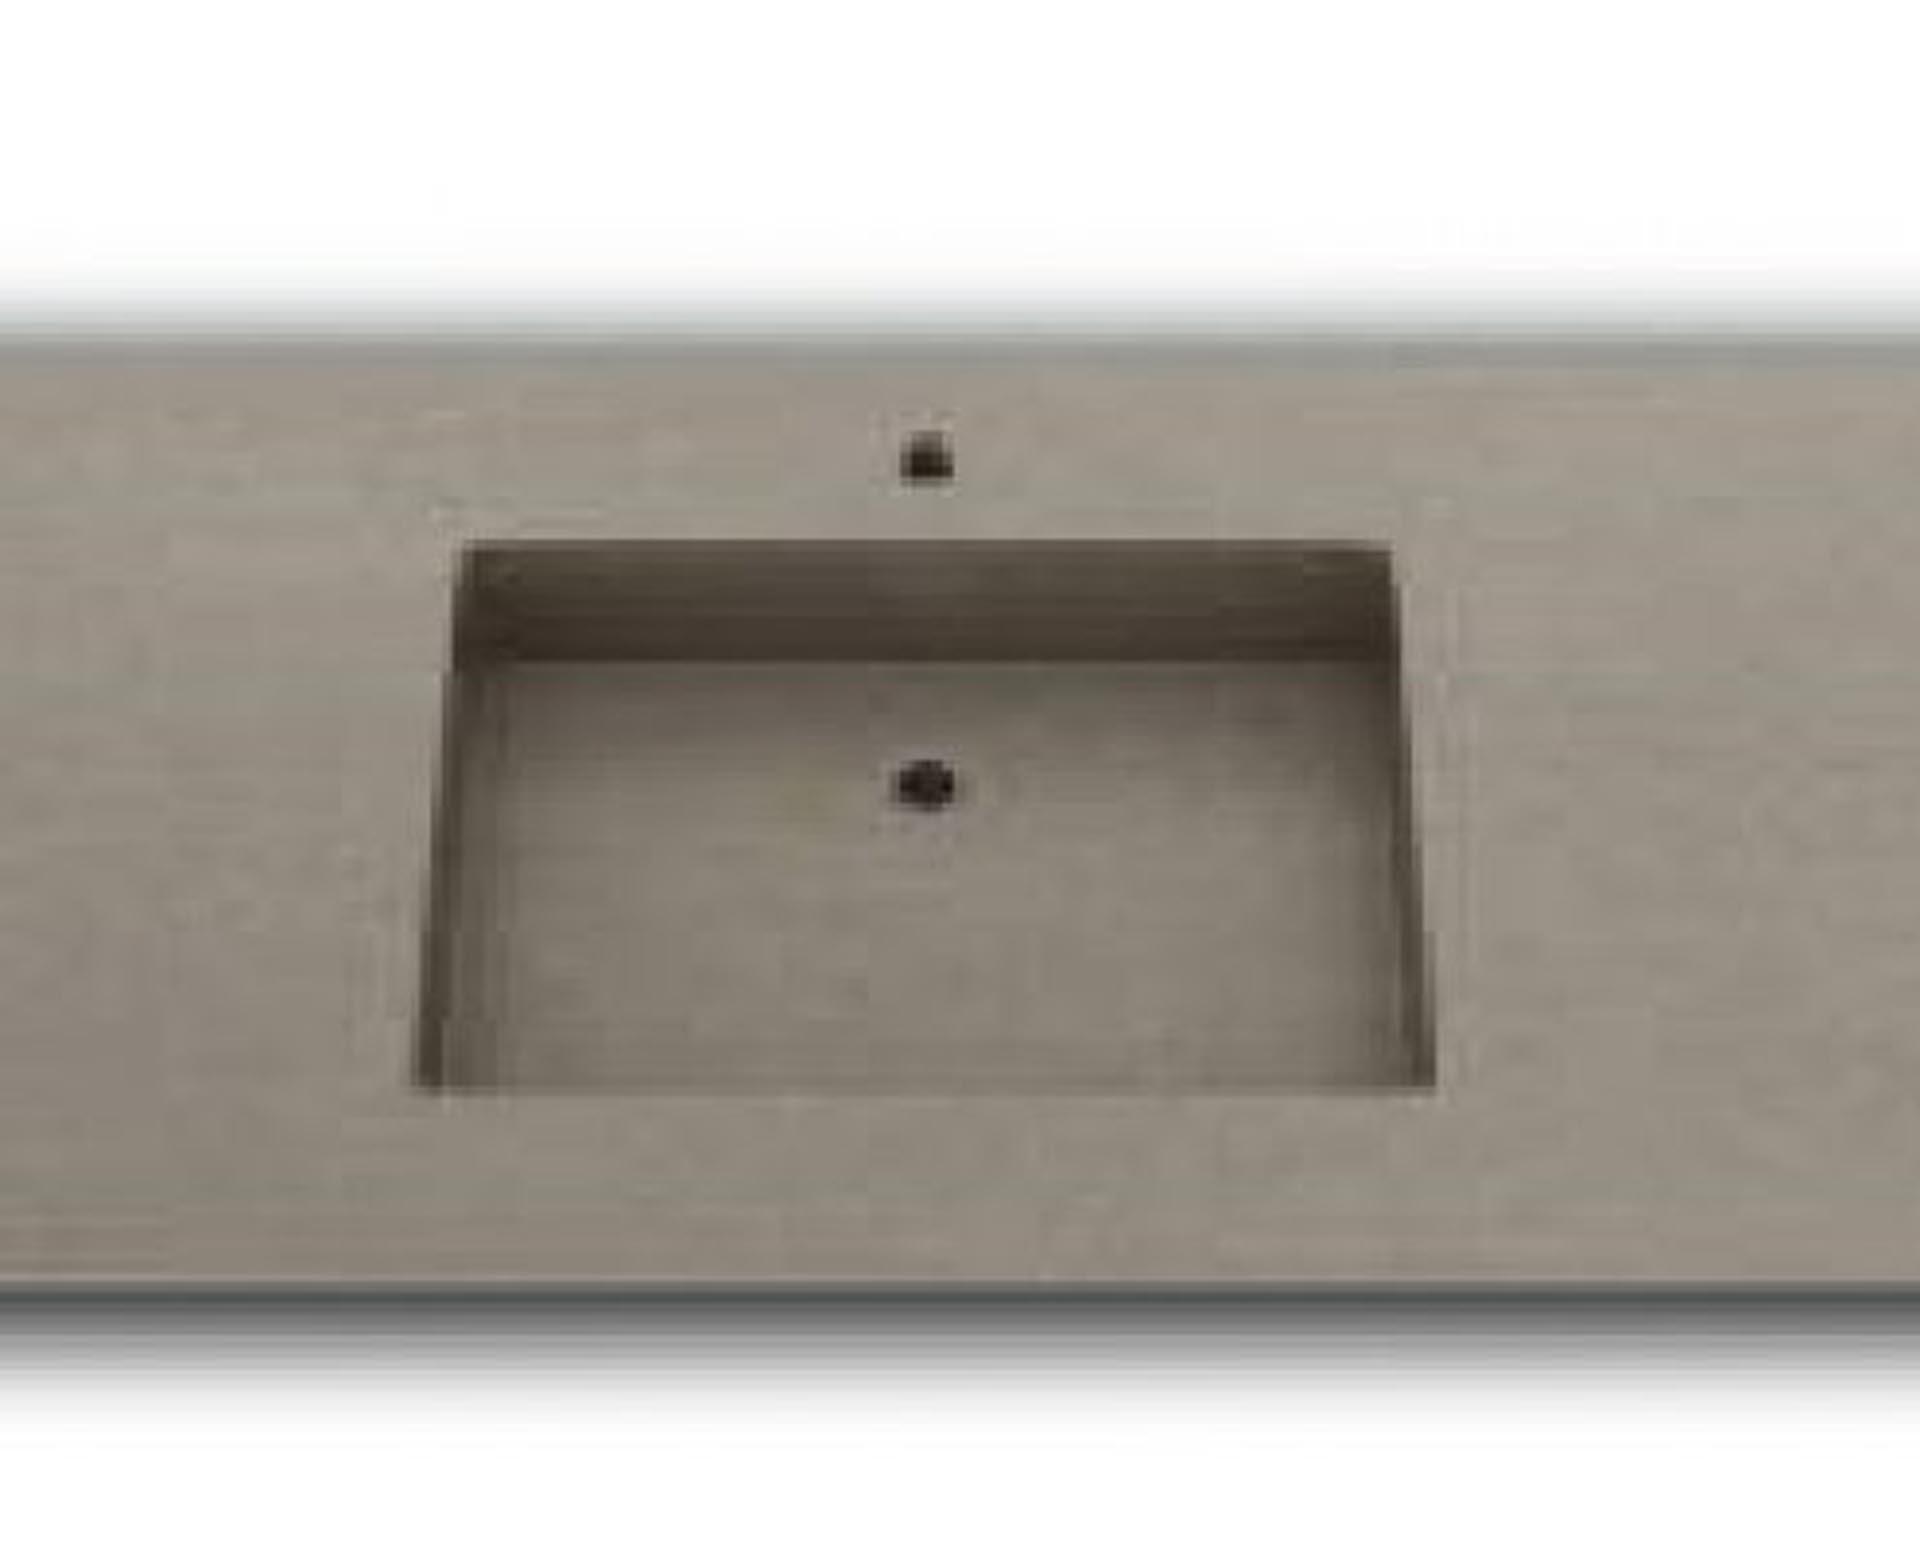 Lækker og simpel beton håndvask, med pæne afrundinger. Farven er i grå - en fantastik flot, moderne og naturlig betonfarve, der passer ind i ethvert badeværelse. Materialet er en kombination af komposit, fiber og beton, dette gør, at vasken er væsentlig stærkere end normal beton. Beton tåler ikke stærke rengøringsmidler, eller syreholdige produkter. Vi anbefaler derfor at vasken rengøres i pH neutralt rengøringsmiddel. Vasken har målene: 123,2 x 54,5 x 3 cm. Vasken kan bruges som fritstående vask - da vasken er flad i bunden er den velegnet til at placere direkte på en bordplade. Vasken er hensynsmæssigt designet med fine rundinger, som både giver vasken et eksklusivt udtryk og gør den rengøringsvenlig. Vasken vedligeholdes med voks - vi anbefaler en behandling med vores egen naturvoks ID12002 et par gange om året for at opnå optimalt look.